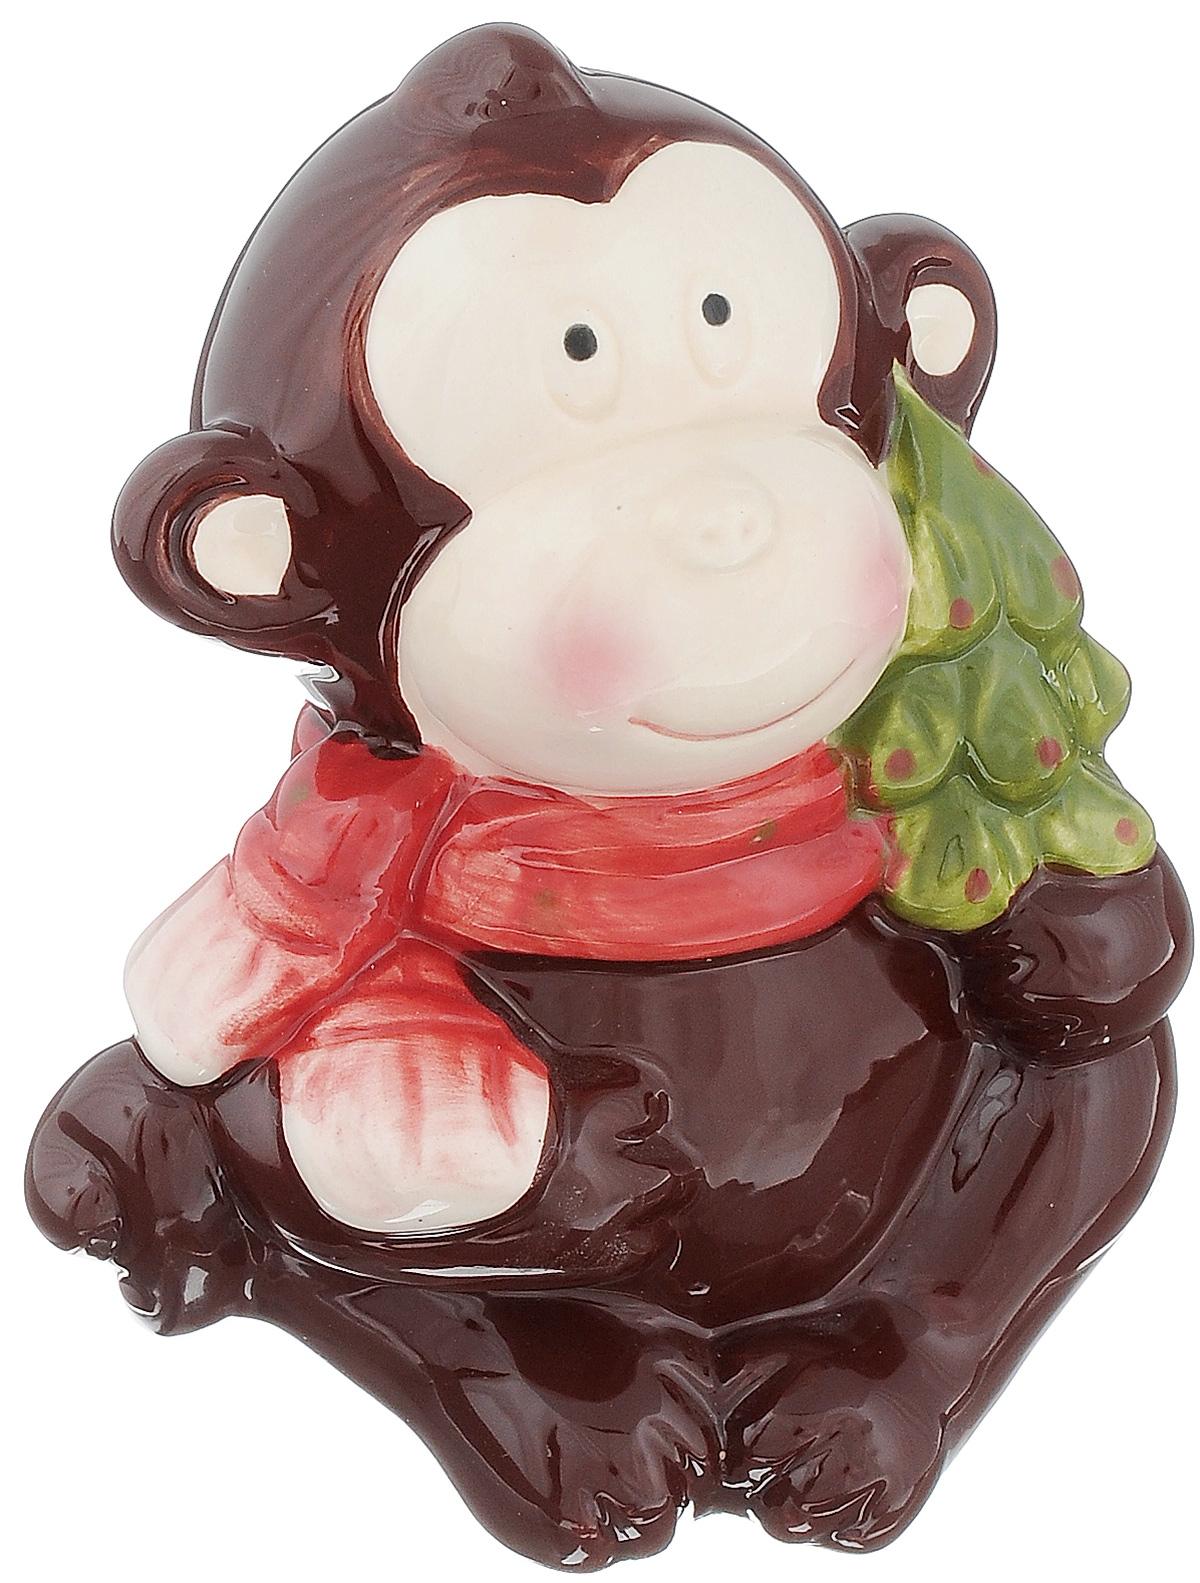 Сувенир Sima-land Обезьянка в шарфике с елочкой, высота 11,5 см1056097Сувенир Sima-land Обезьянка в шарфике с елочкой выполнен из высококачественной керамики в виде забавной обезьянки. Такой сувенир станет отличным подарком родным или друзьям на Новый год, а также он украсит интерьер вашего дома или офиса.